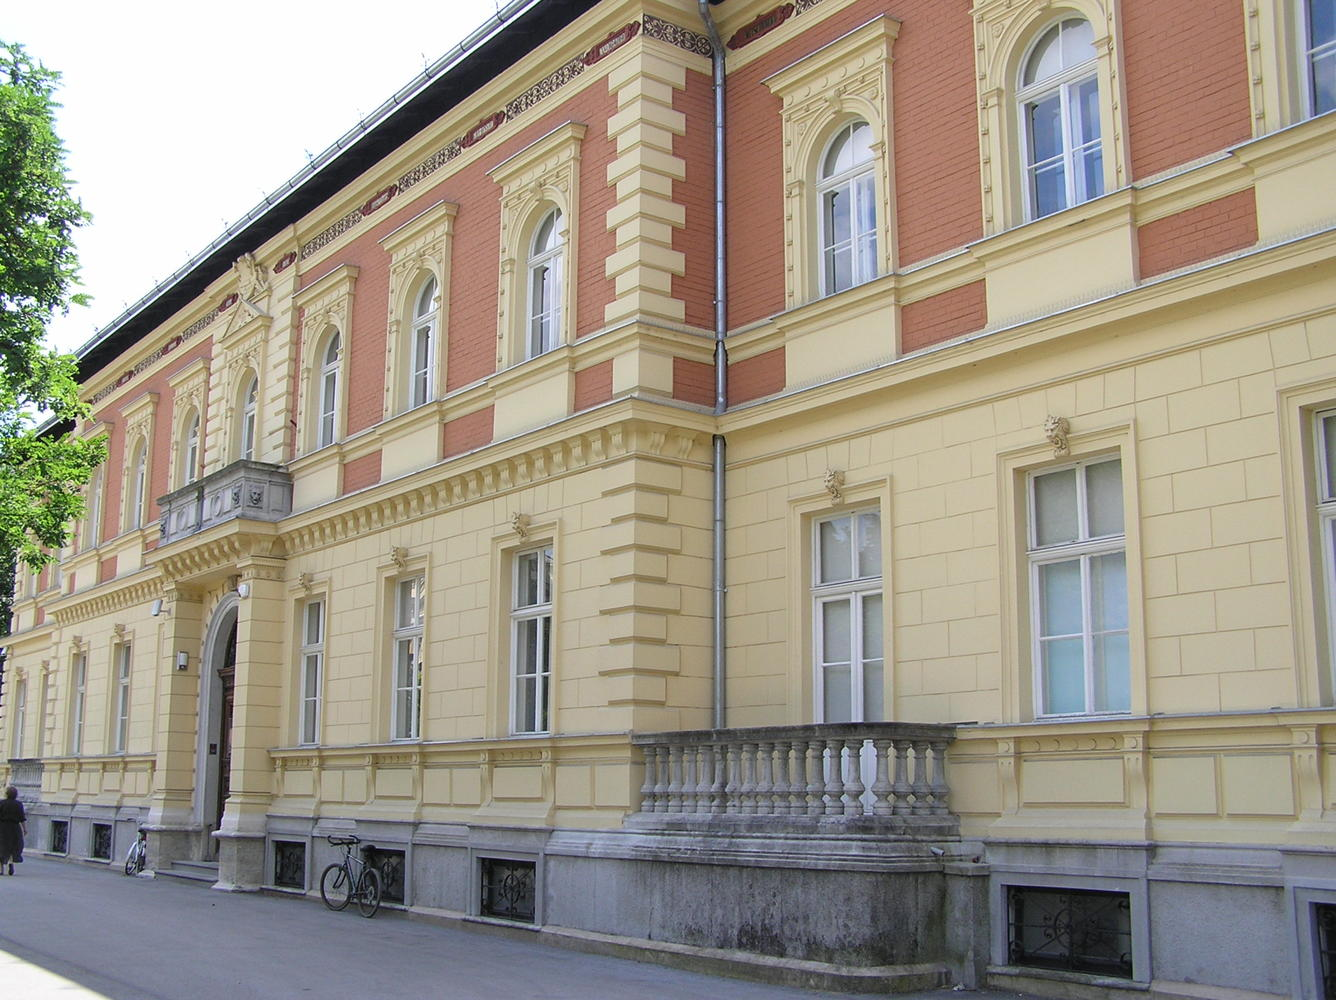 Zgrada na Strossmayerovu trgu 14, u kojoj je sada knjižnica HAZU